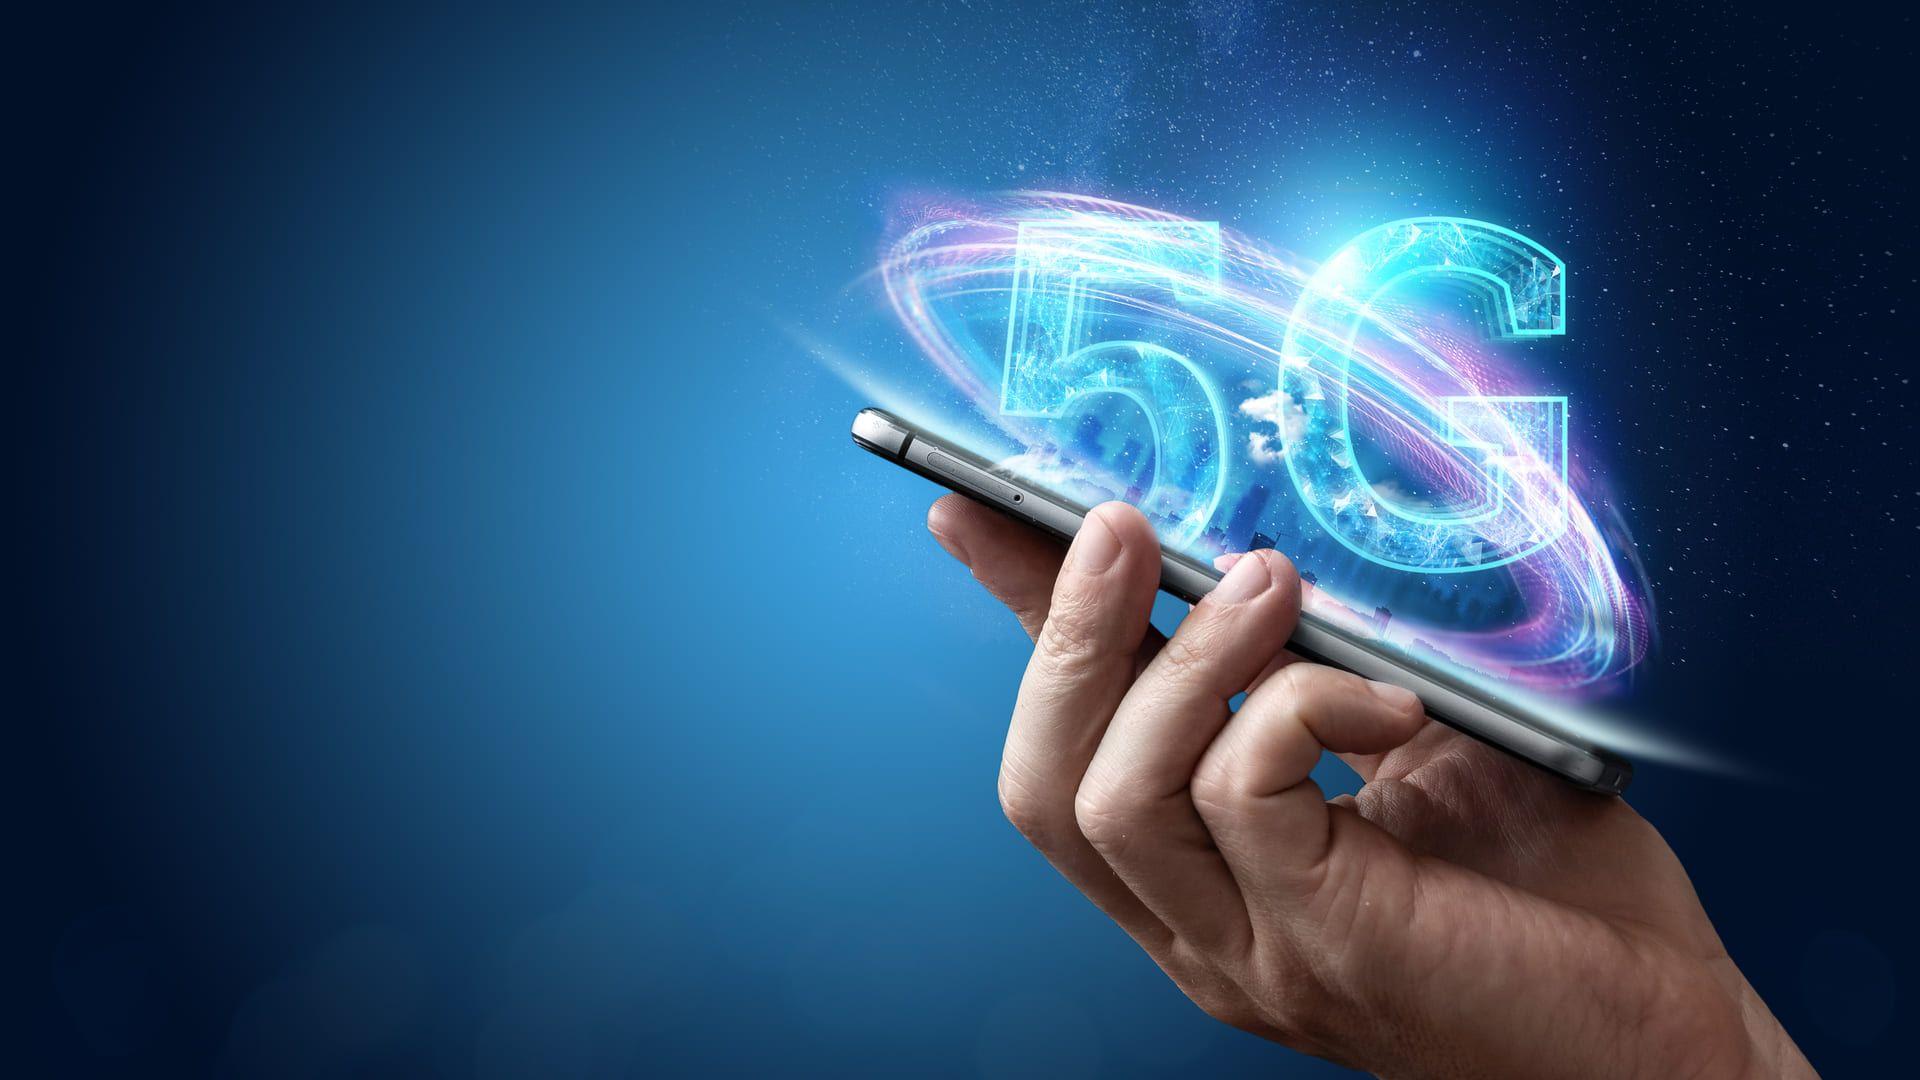 Mão segurando celular com símbolo de 5G em 3D